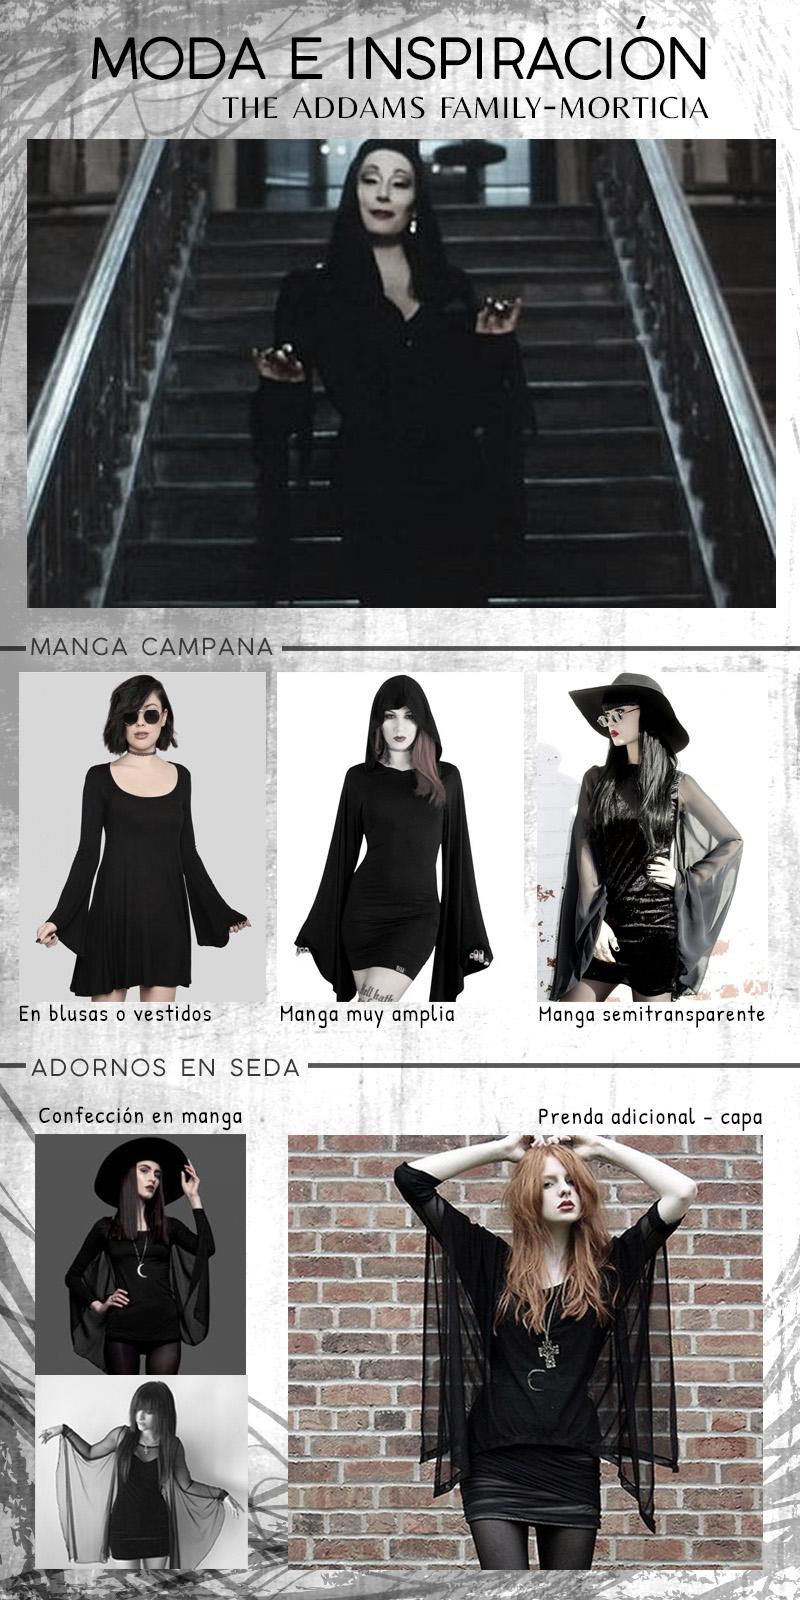 Moda y estilo oscuro inspirado en Morticia - The Addams Family